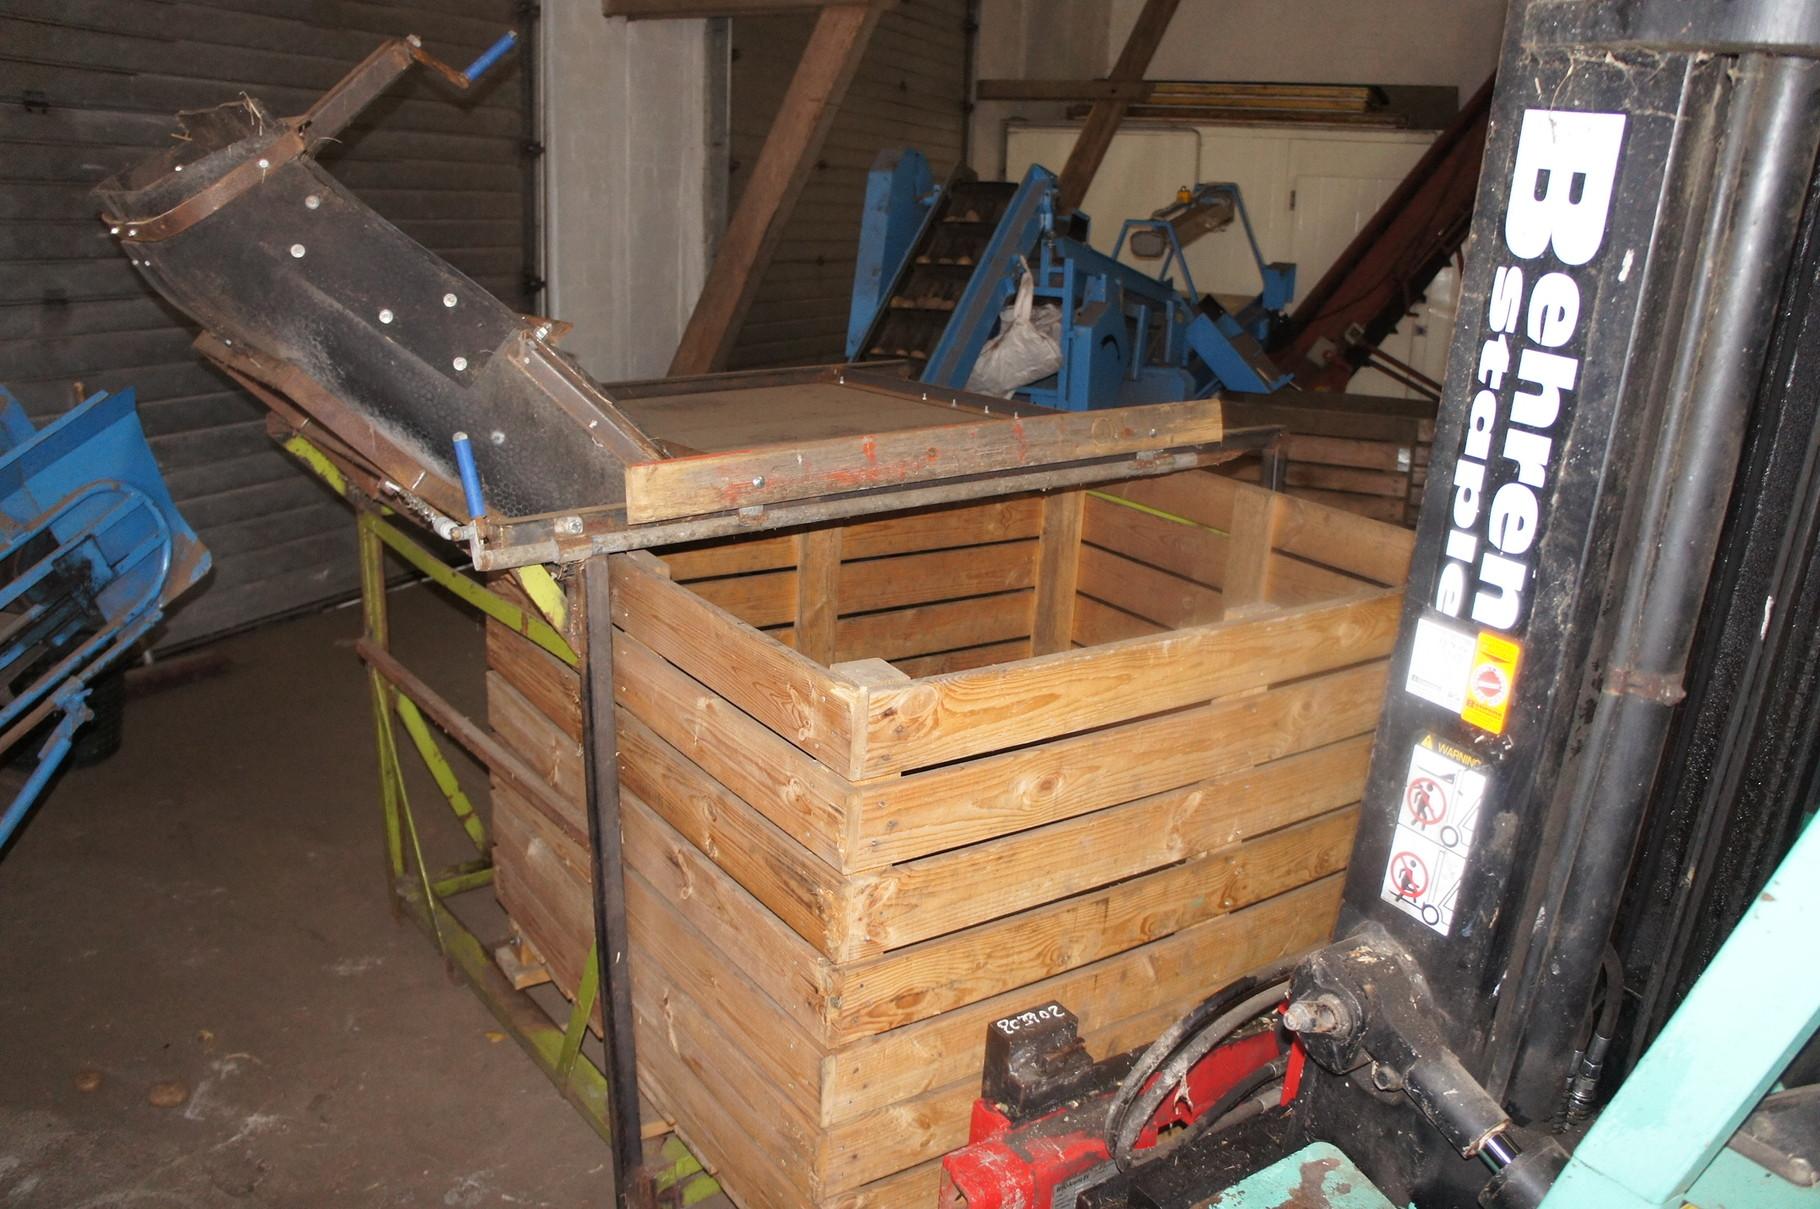 So gelangen die Kartoffeln von der Kiste zur Sortieranlage. (7)